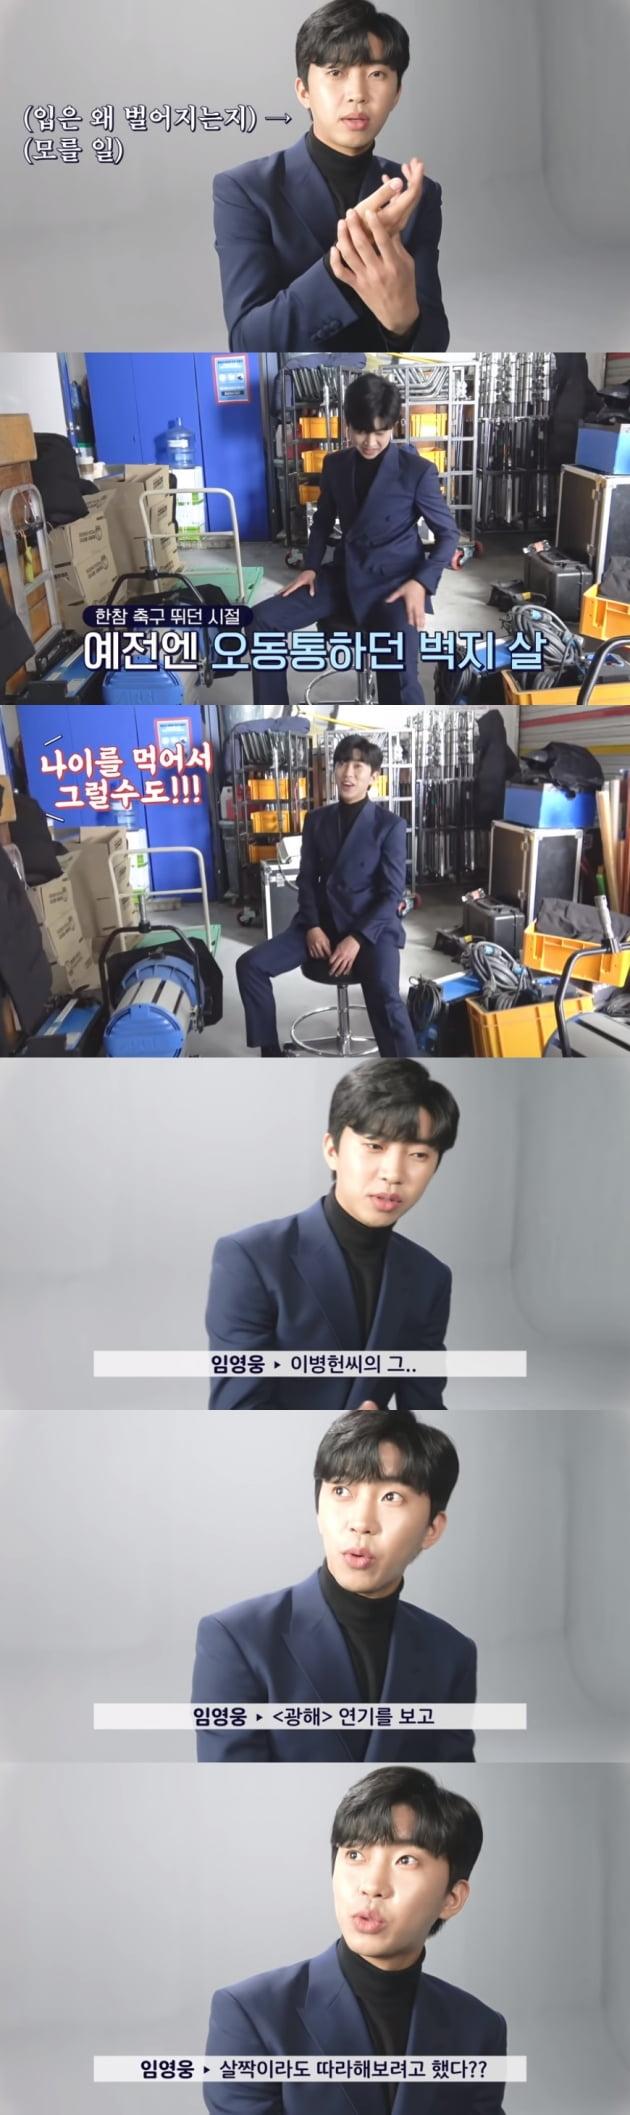 가수 임영웅 /사진 = 유튜브채널 '임영웅' 화면